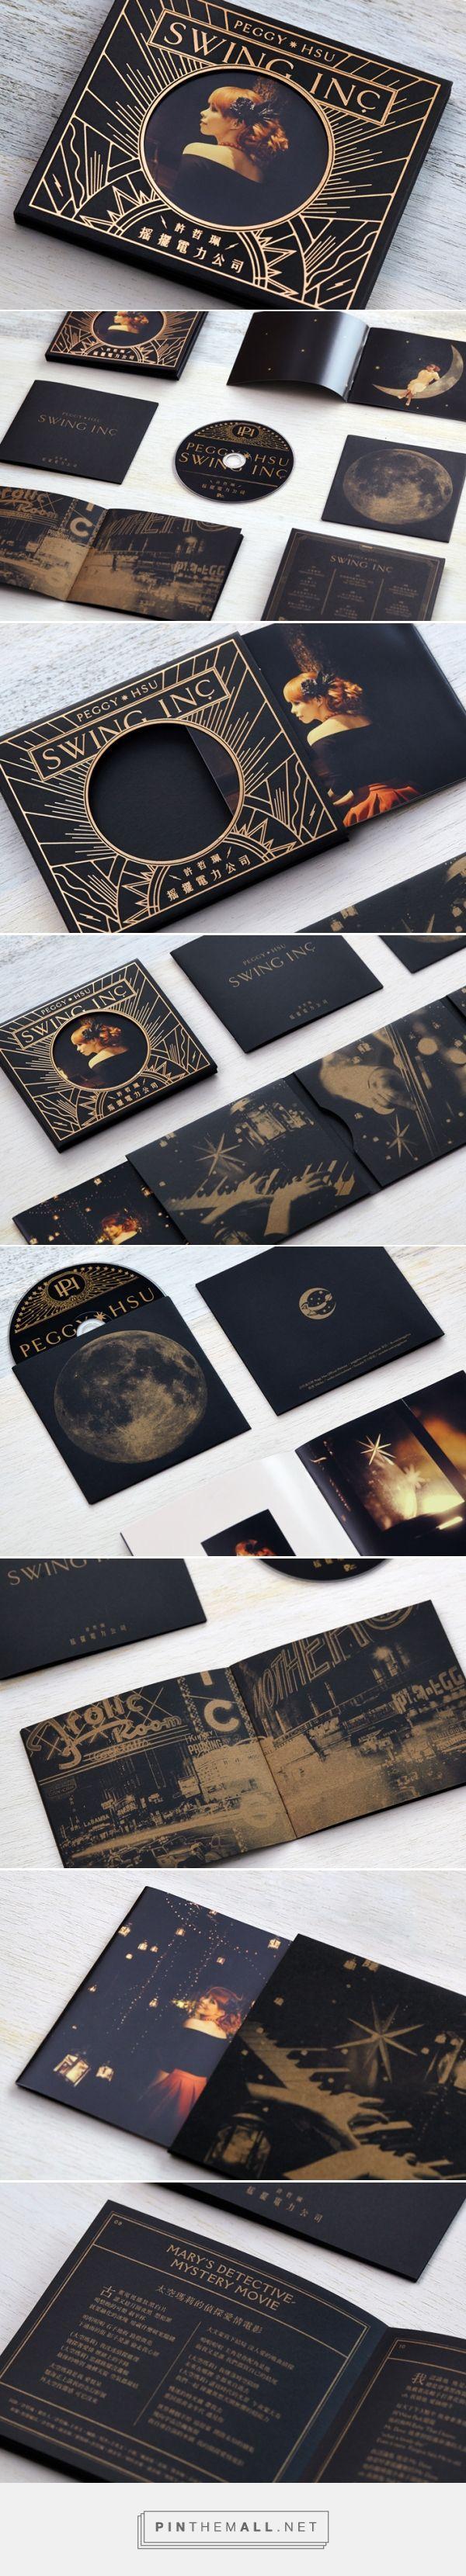 許哲珮 - 搖擺電力公司 專輯設計 | Onion Design Associates